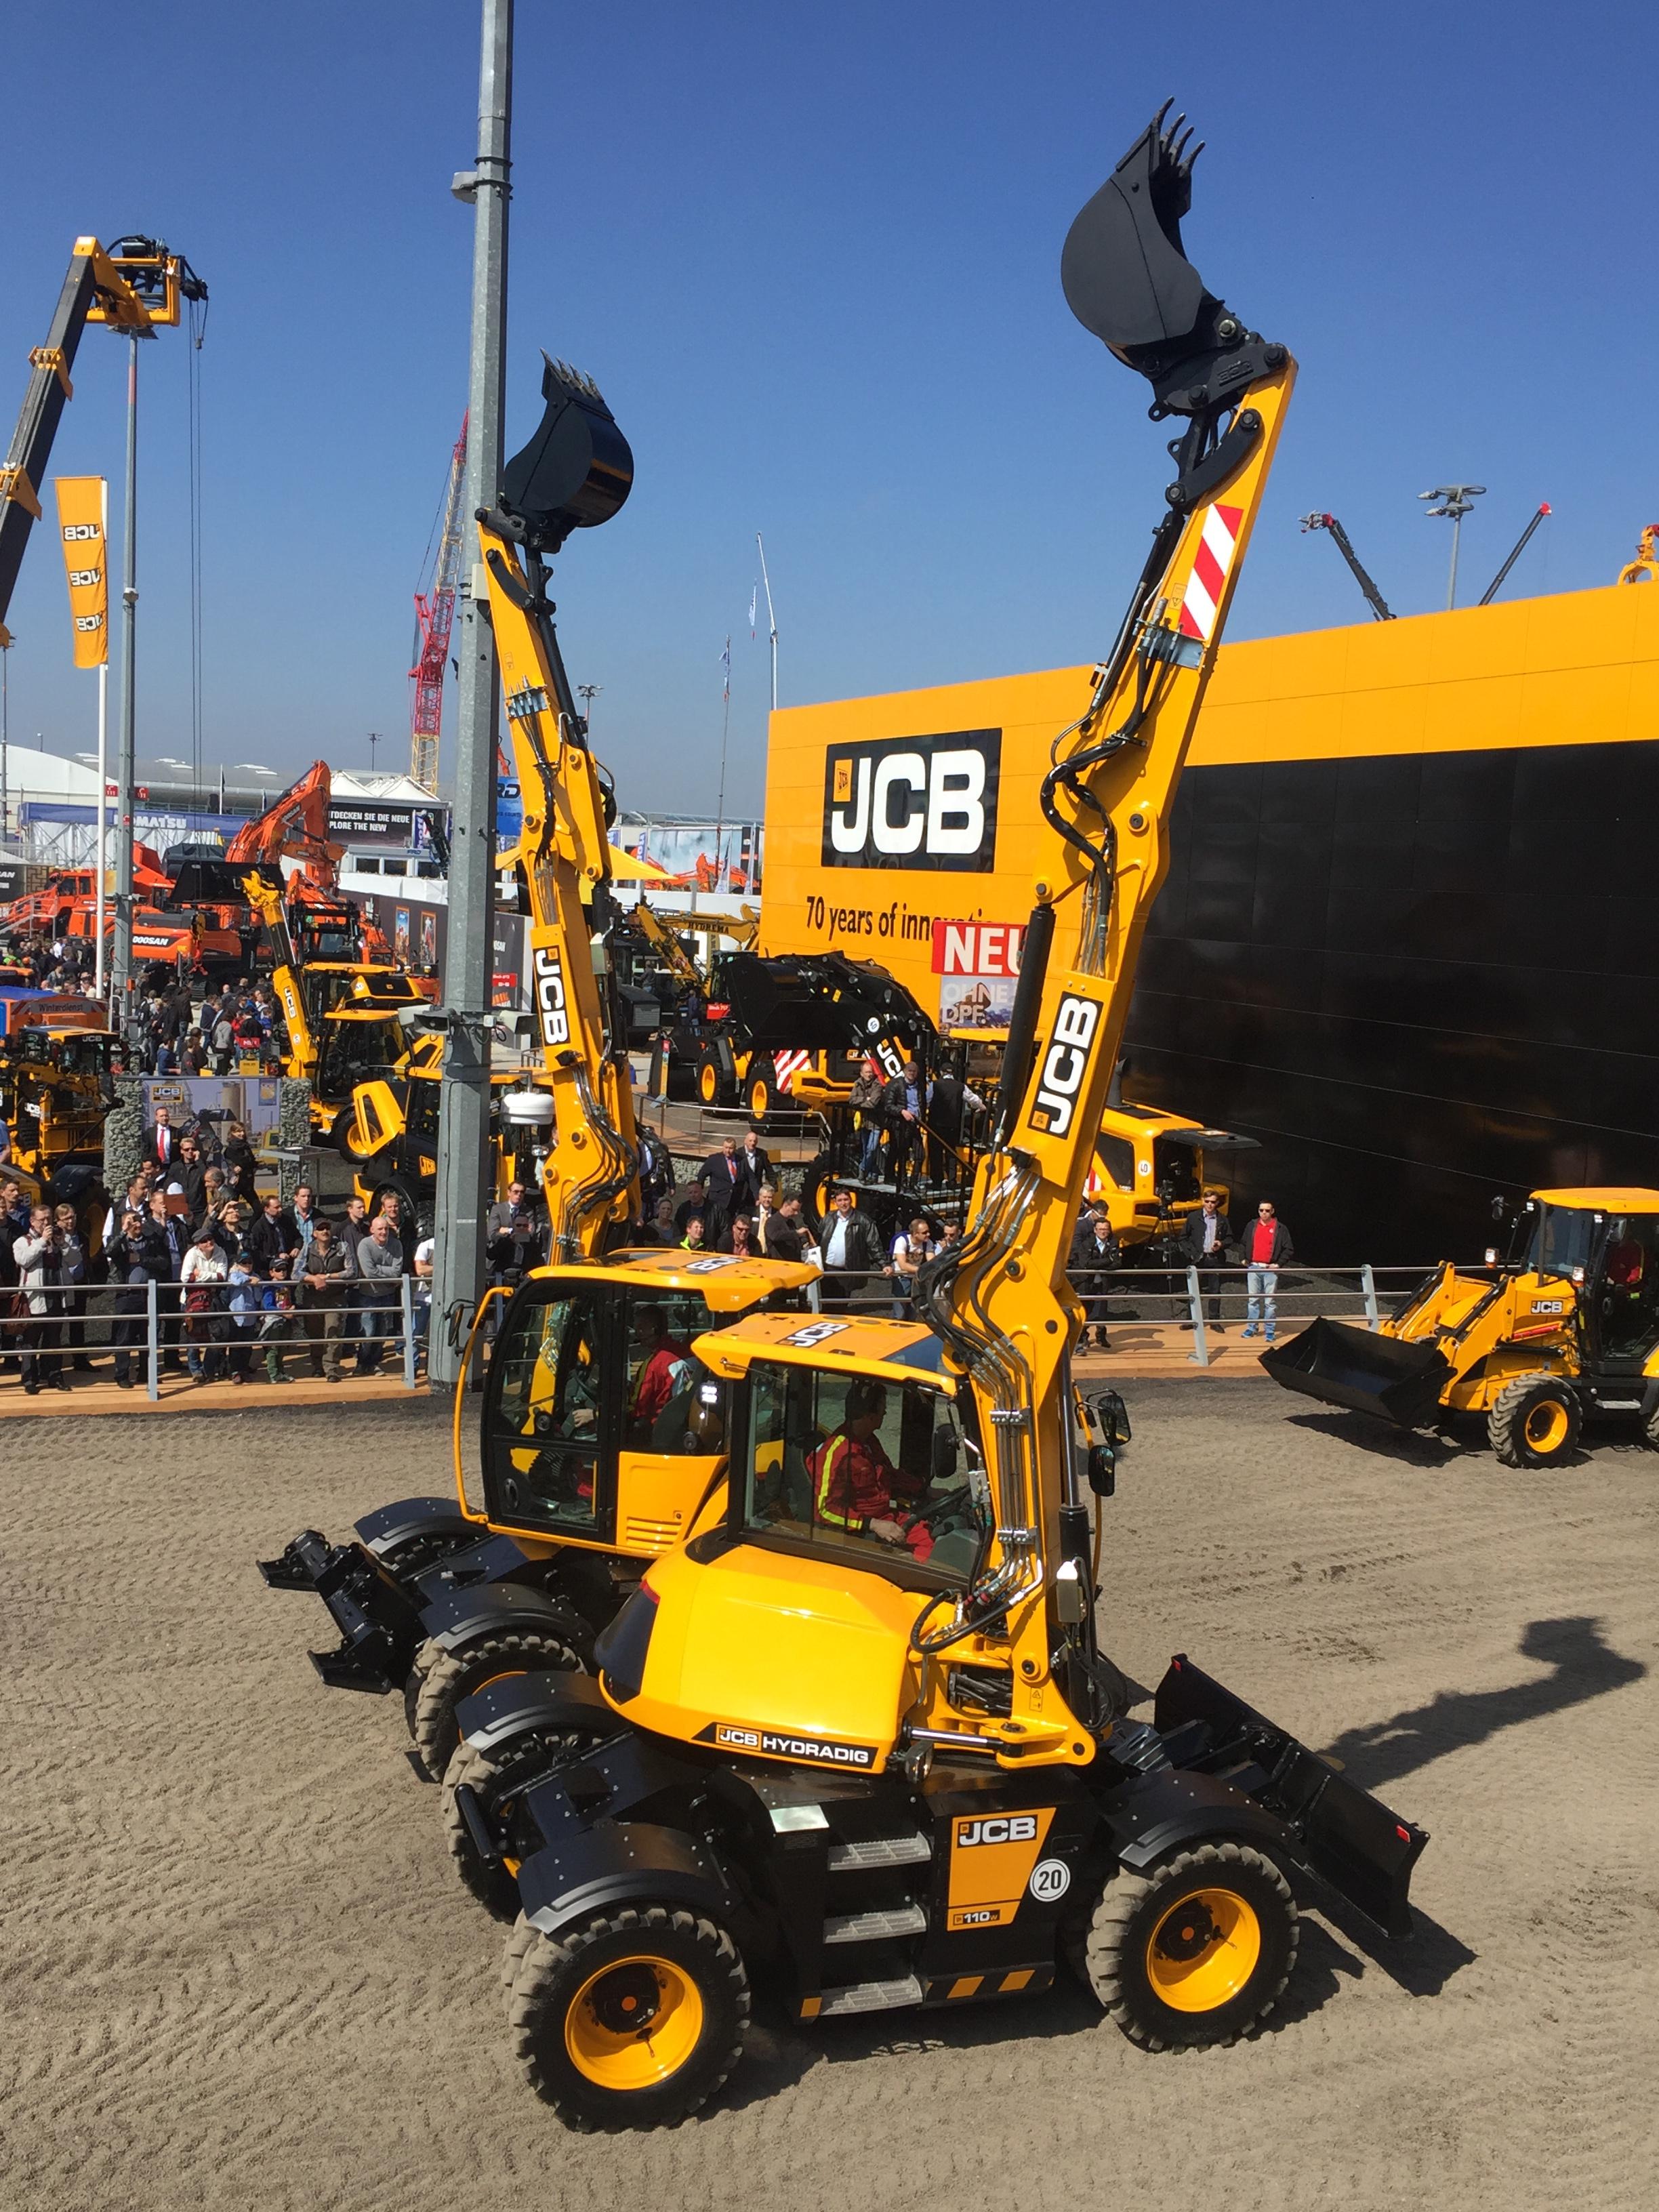 mulholland saves 10 on fuel with new jcb excavators cea